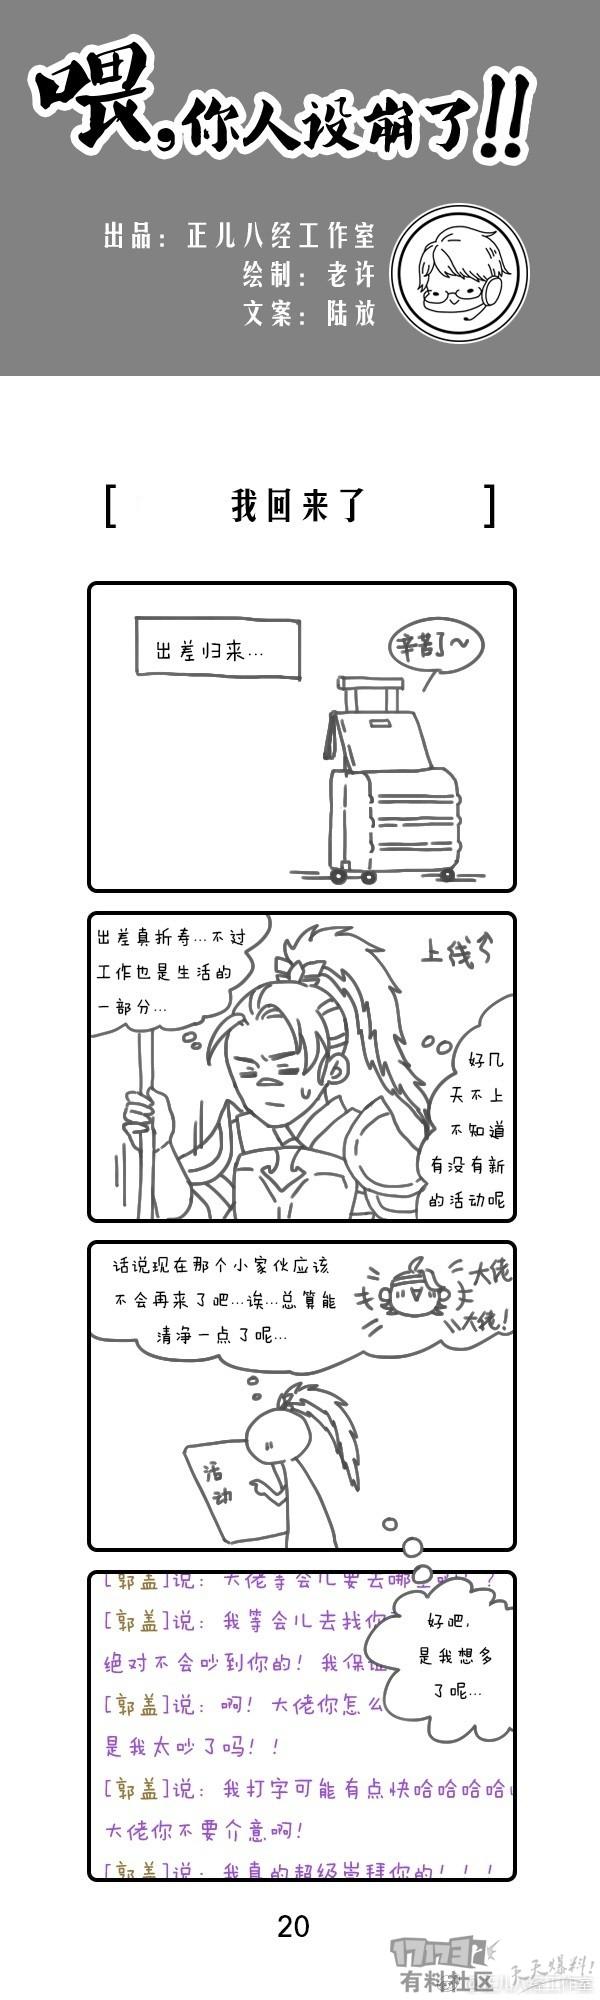 4 (25).jpg